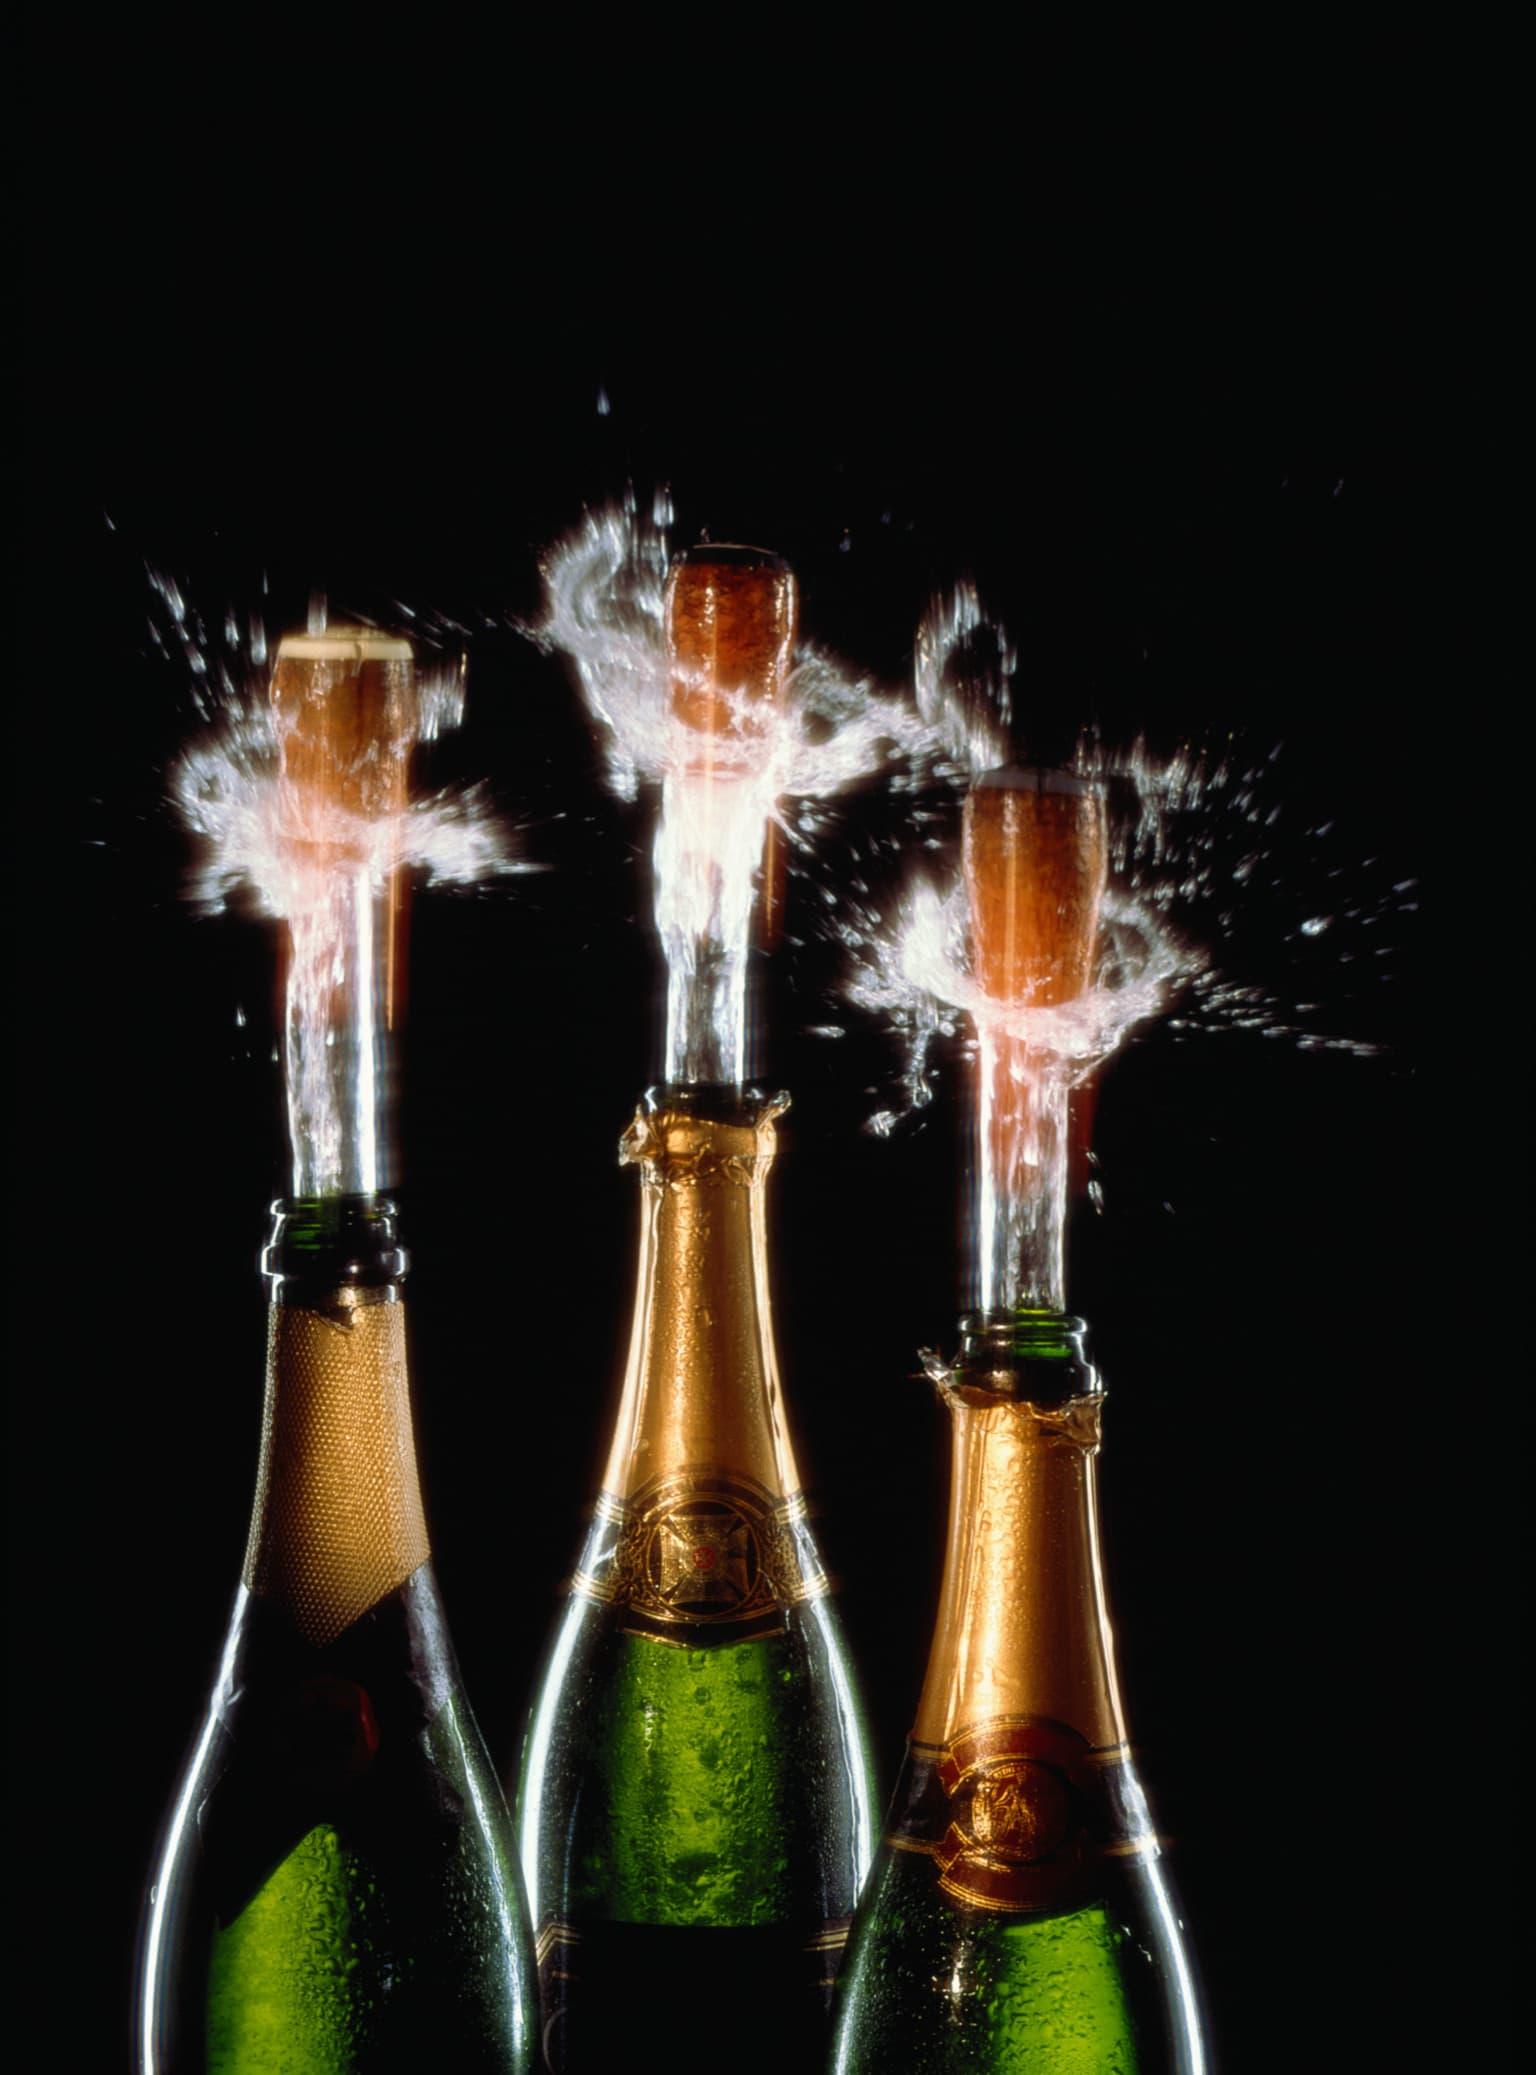 Три бутылки шампанского